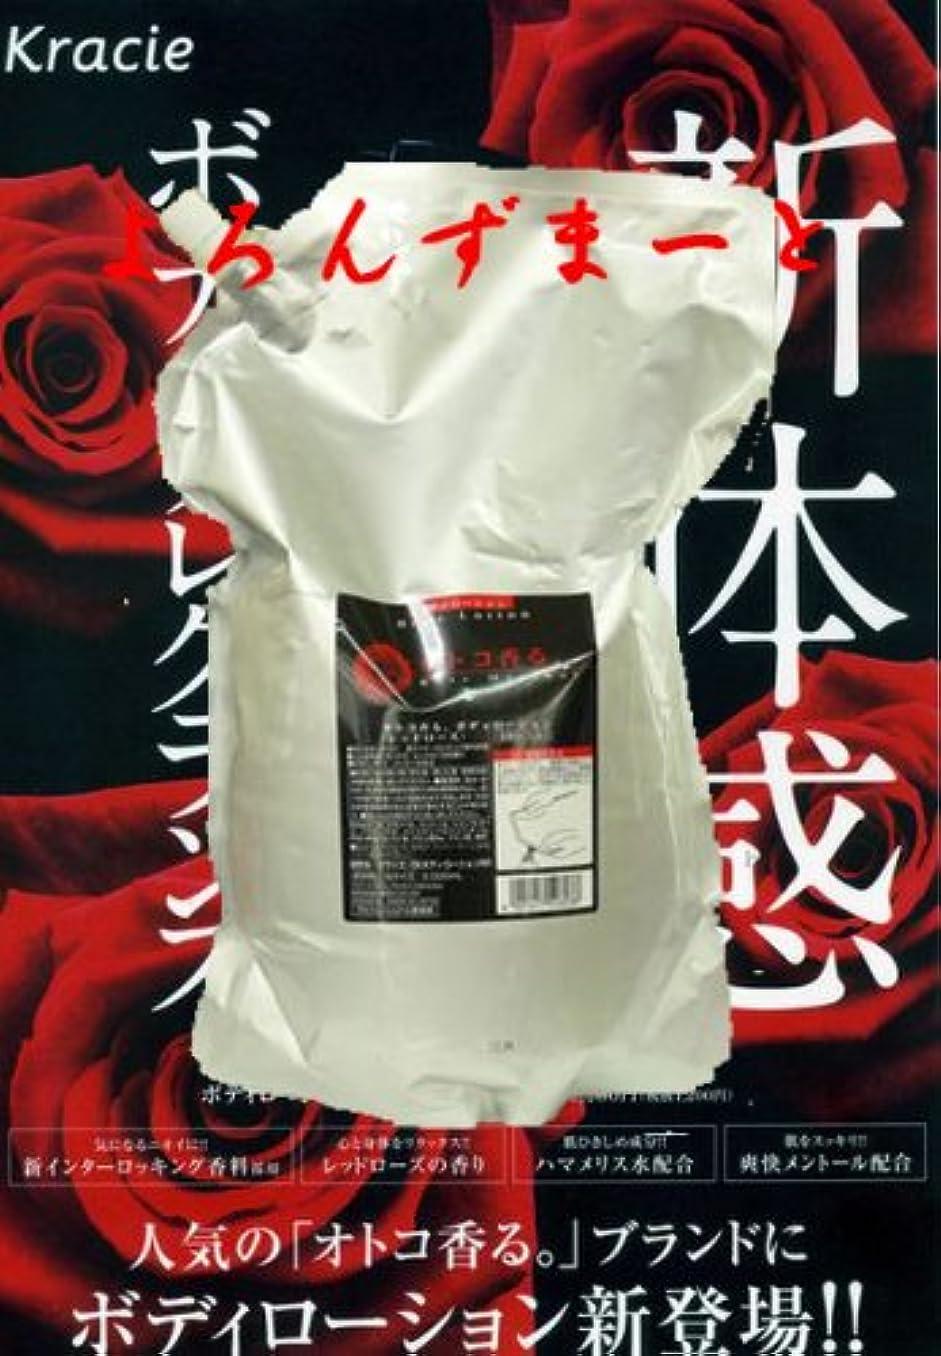 鮮やかな調和のとれた敬意を表してクラシエ オトコ香る ボディーローション(レッドローズ) 2000ml 詰替え用(レフィル)